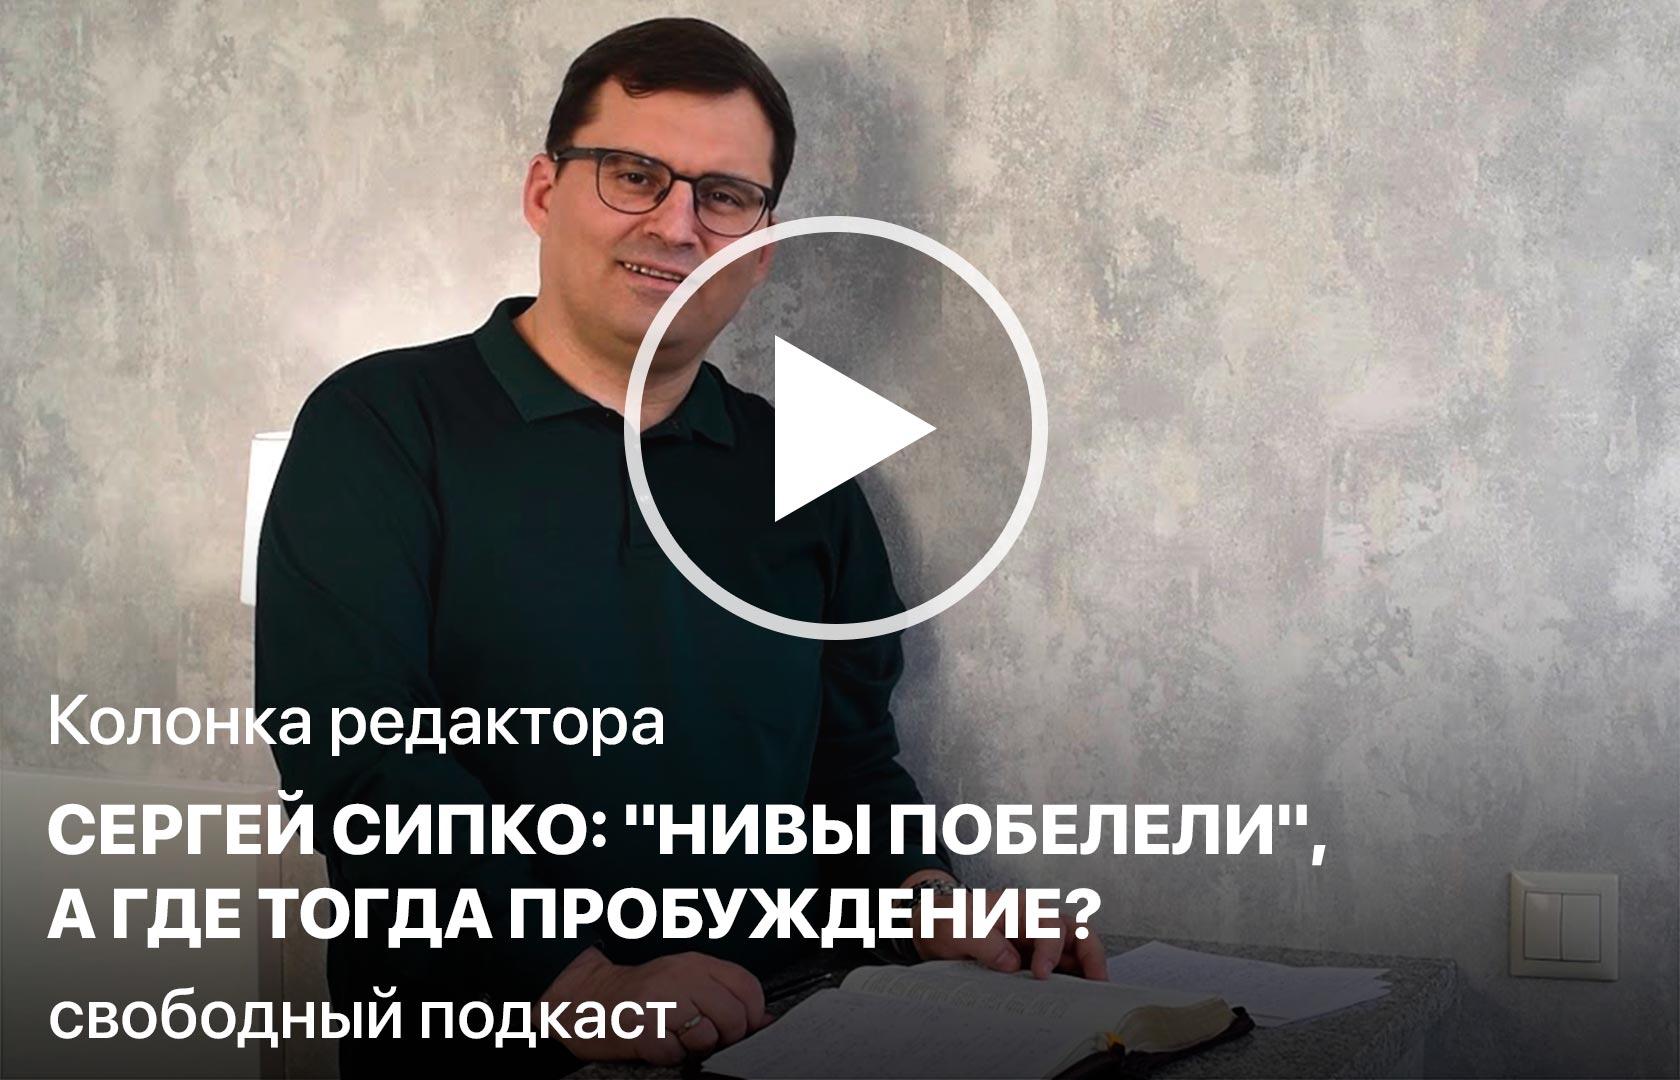 Колонка редактора. Сергей Сипко: «Нивы побелели», а где тогда пробуждение?